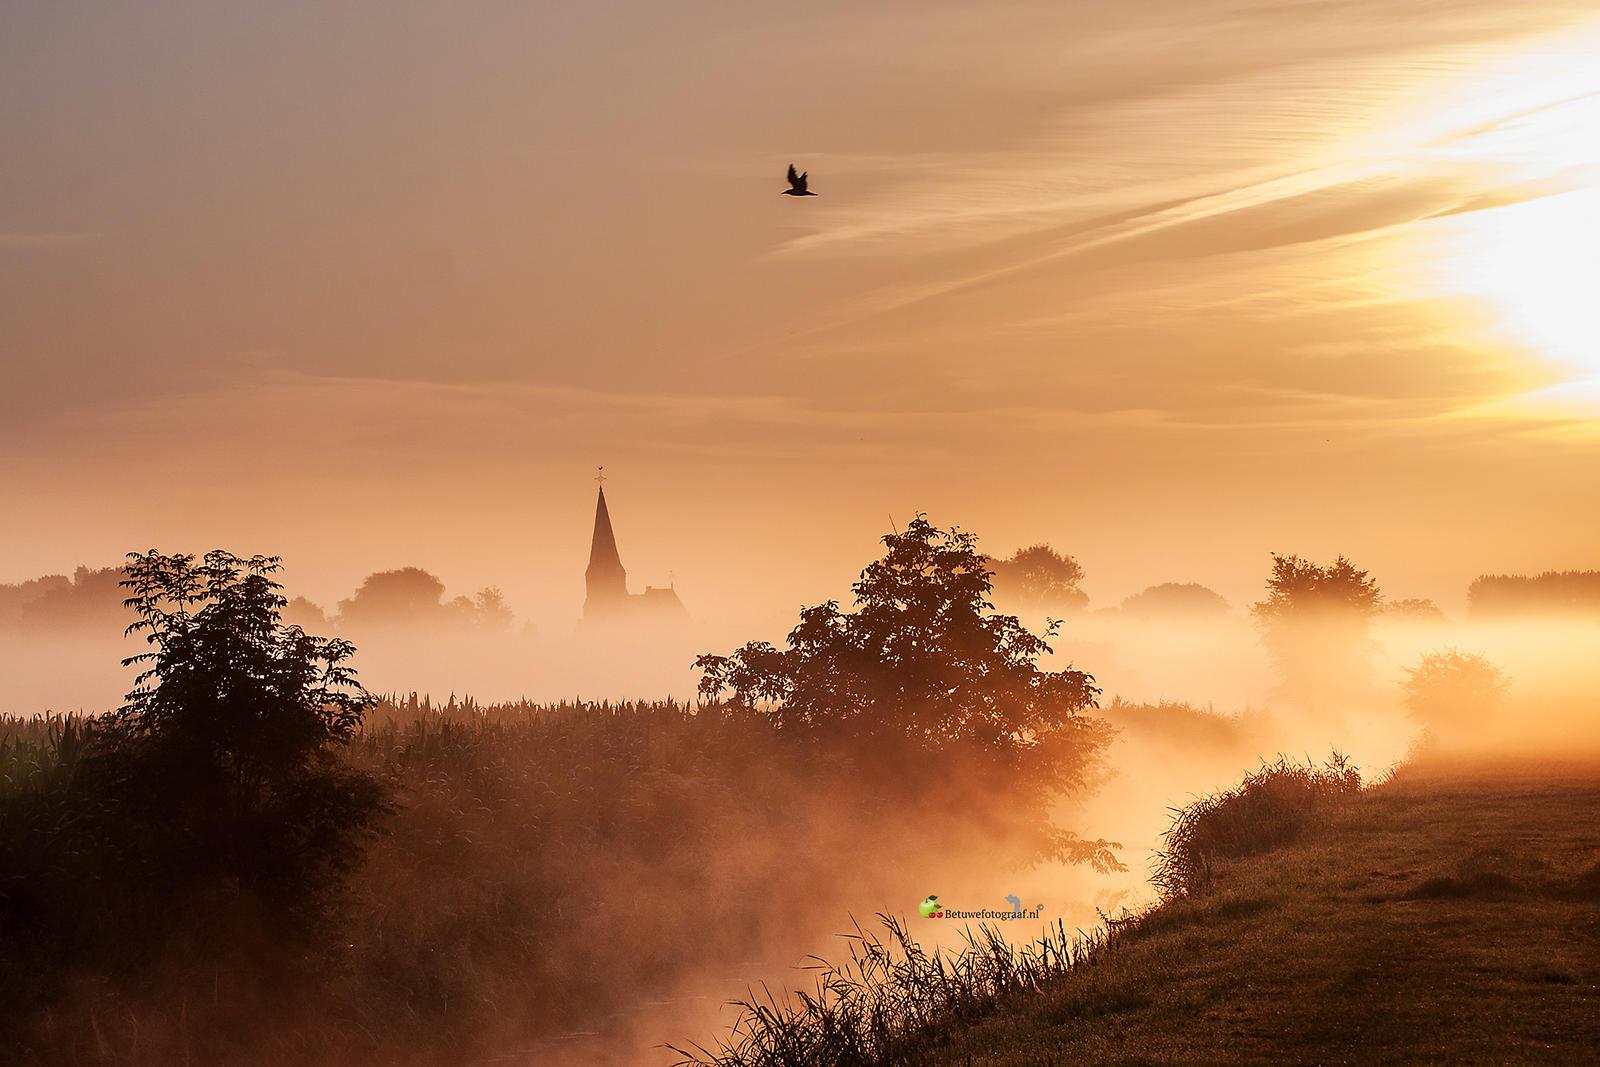 It's O so Quiet...... by Betuwefotograaf